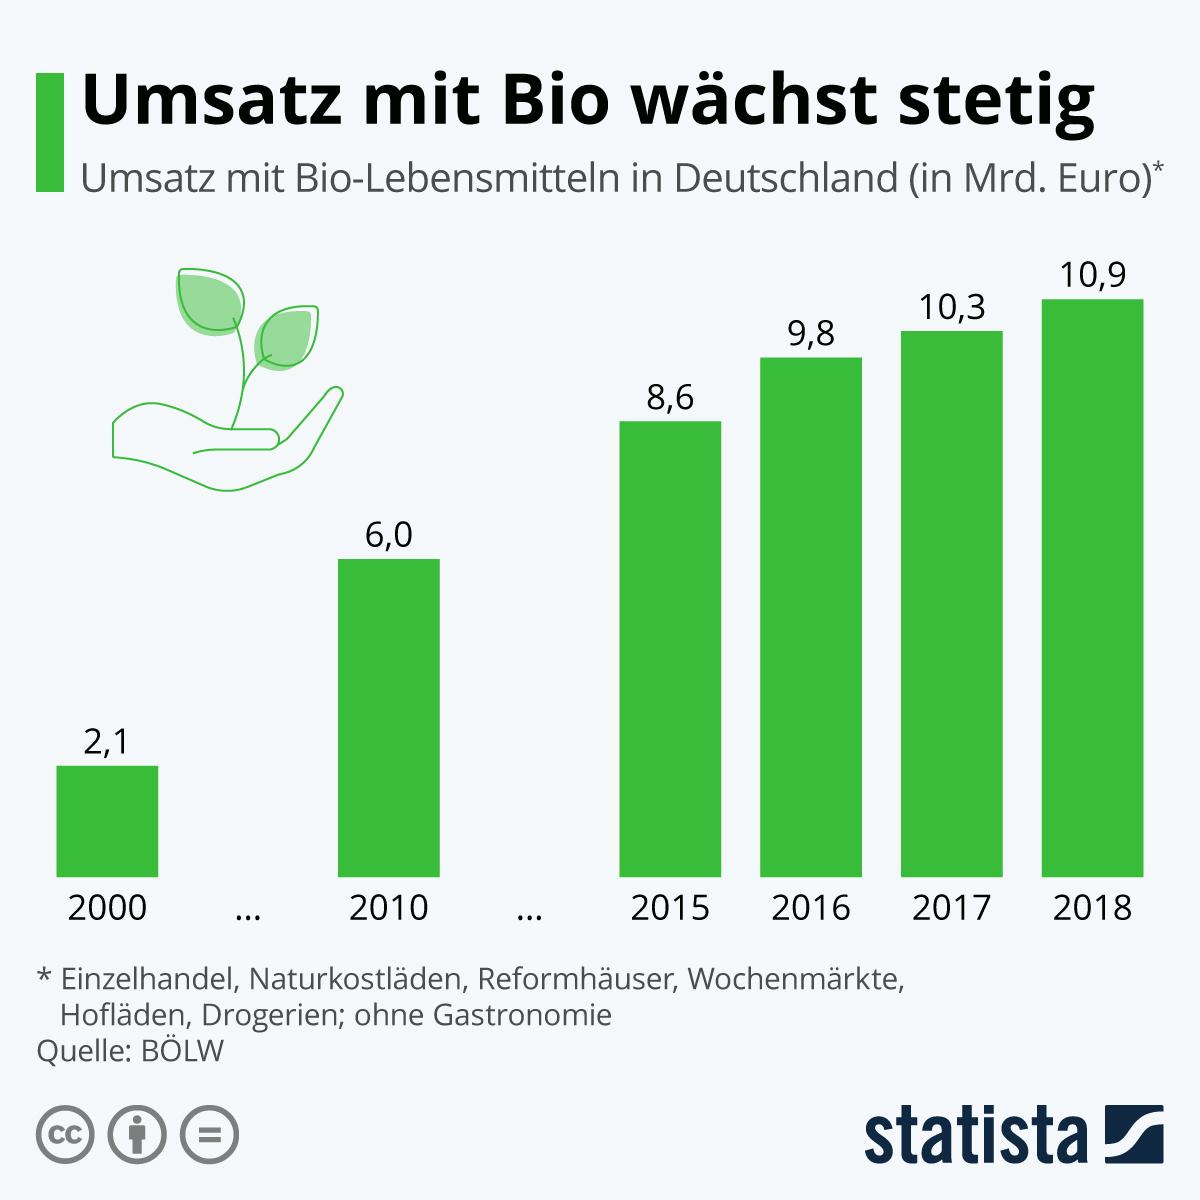 Infografik: Umsatz mit Bio-Lebensmitteln wächst | Statista